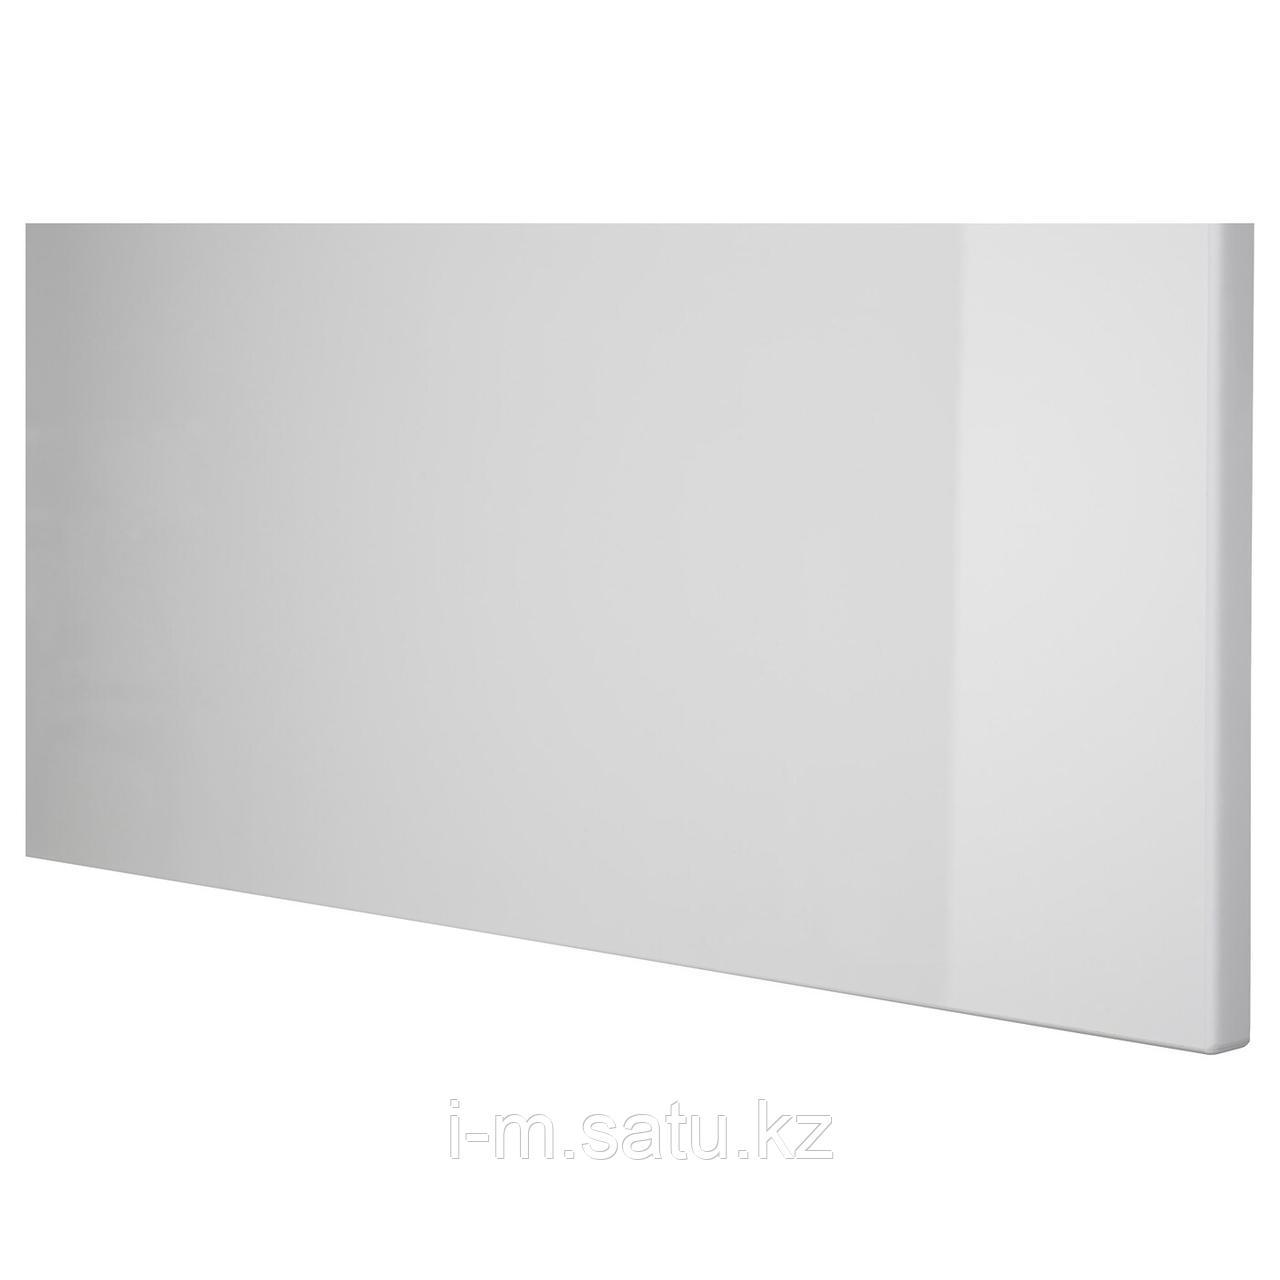 СЕЛЬСВИКЕН Дверь/фронтальная панель ящика, глянцевый светло-серый, 60x38 см